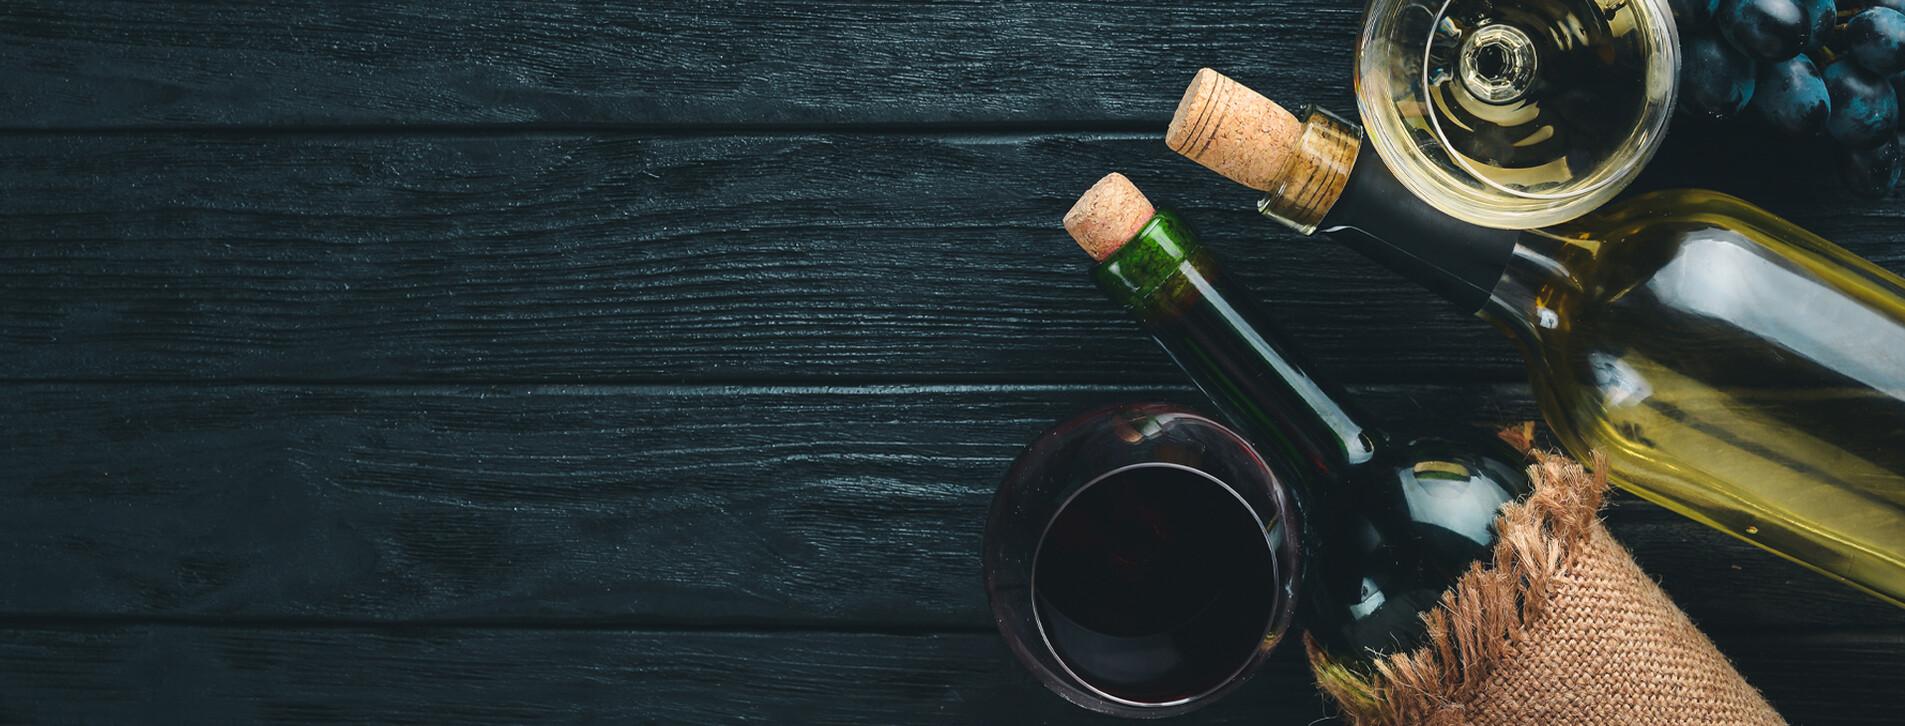 Фото - Подписка на вино